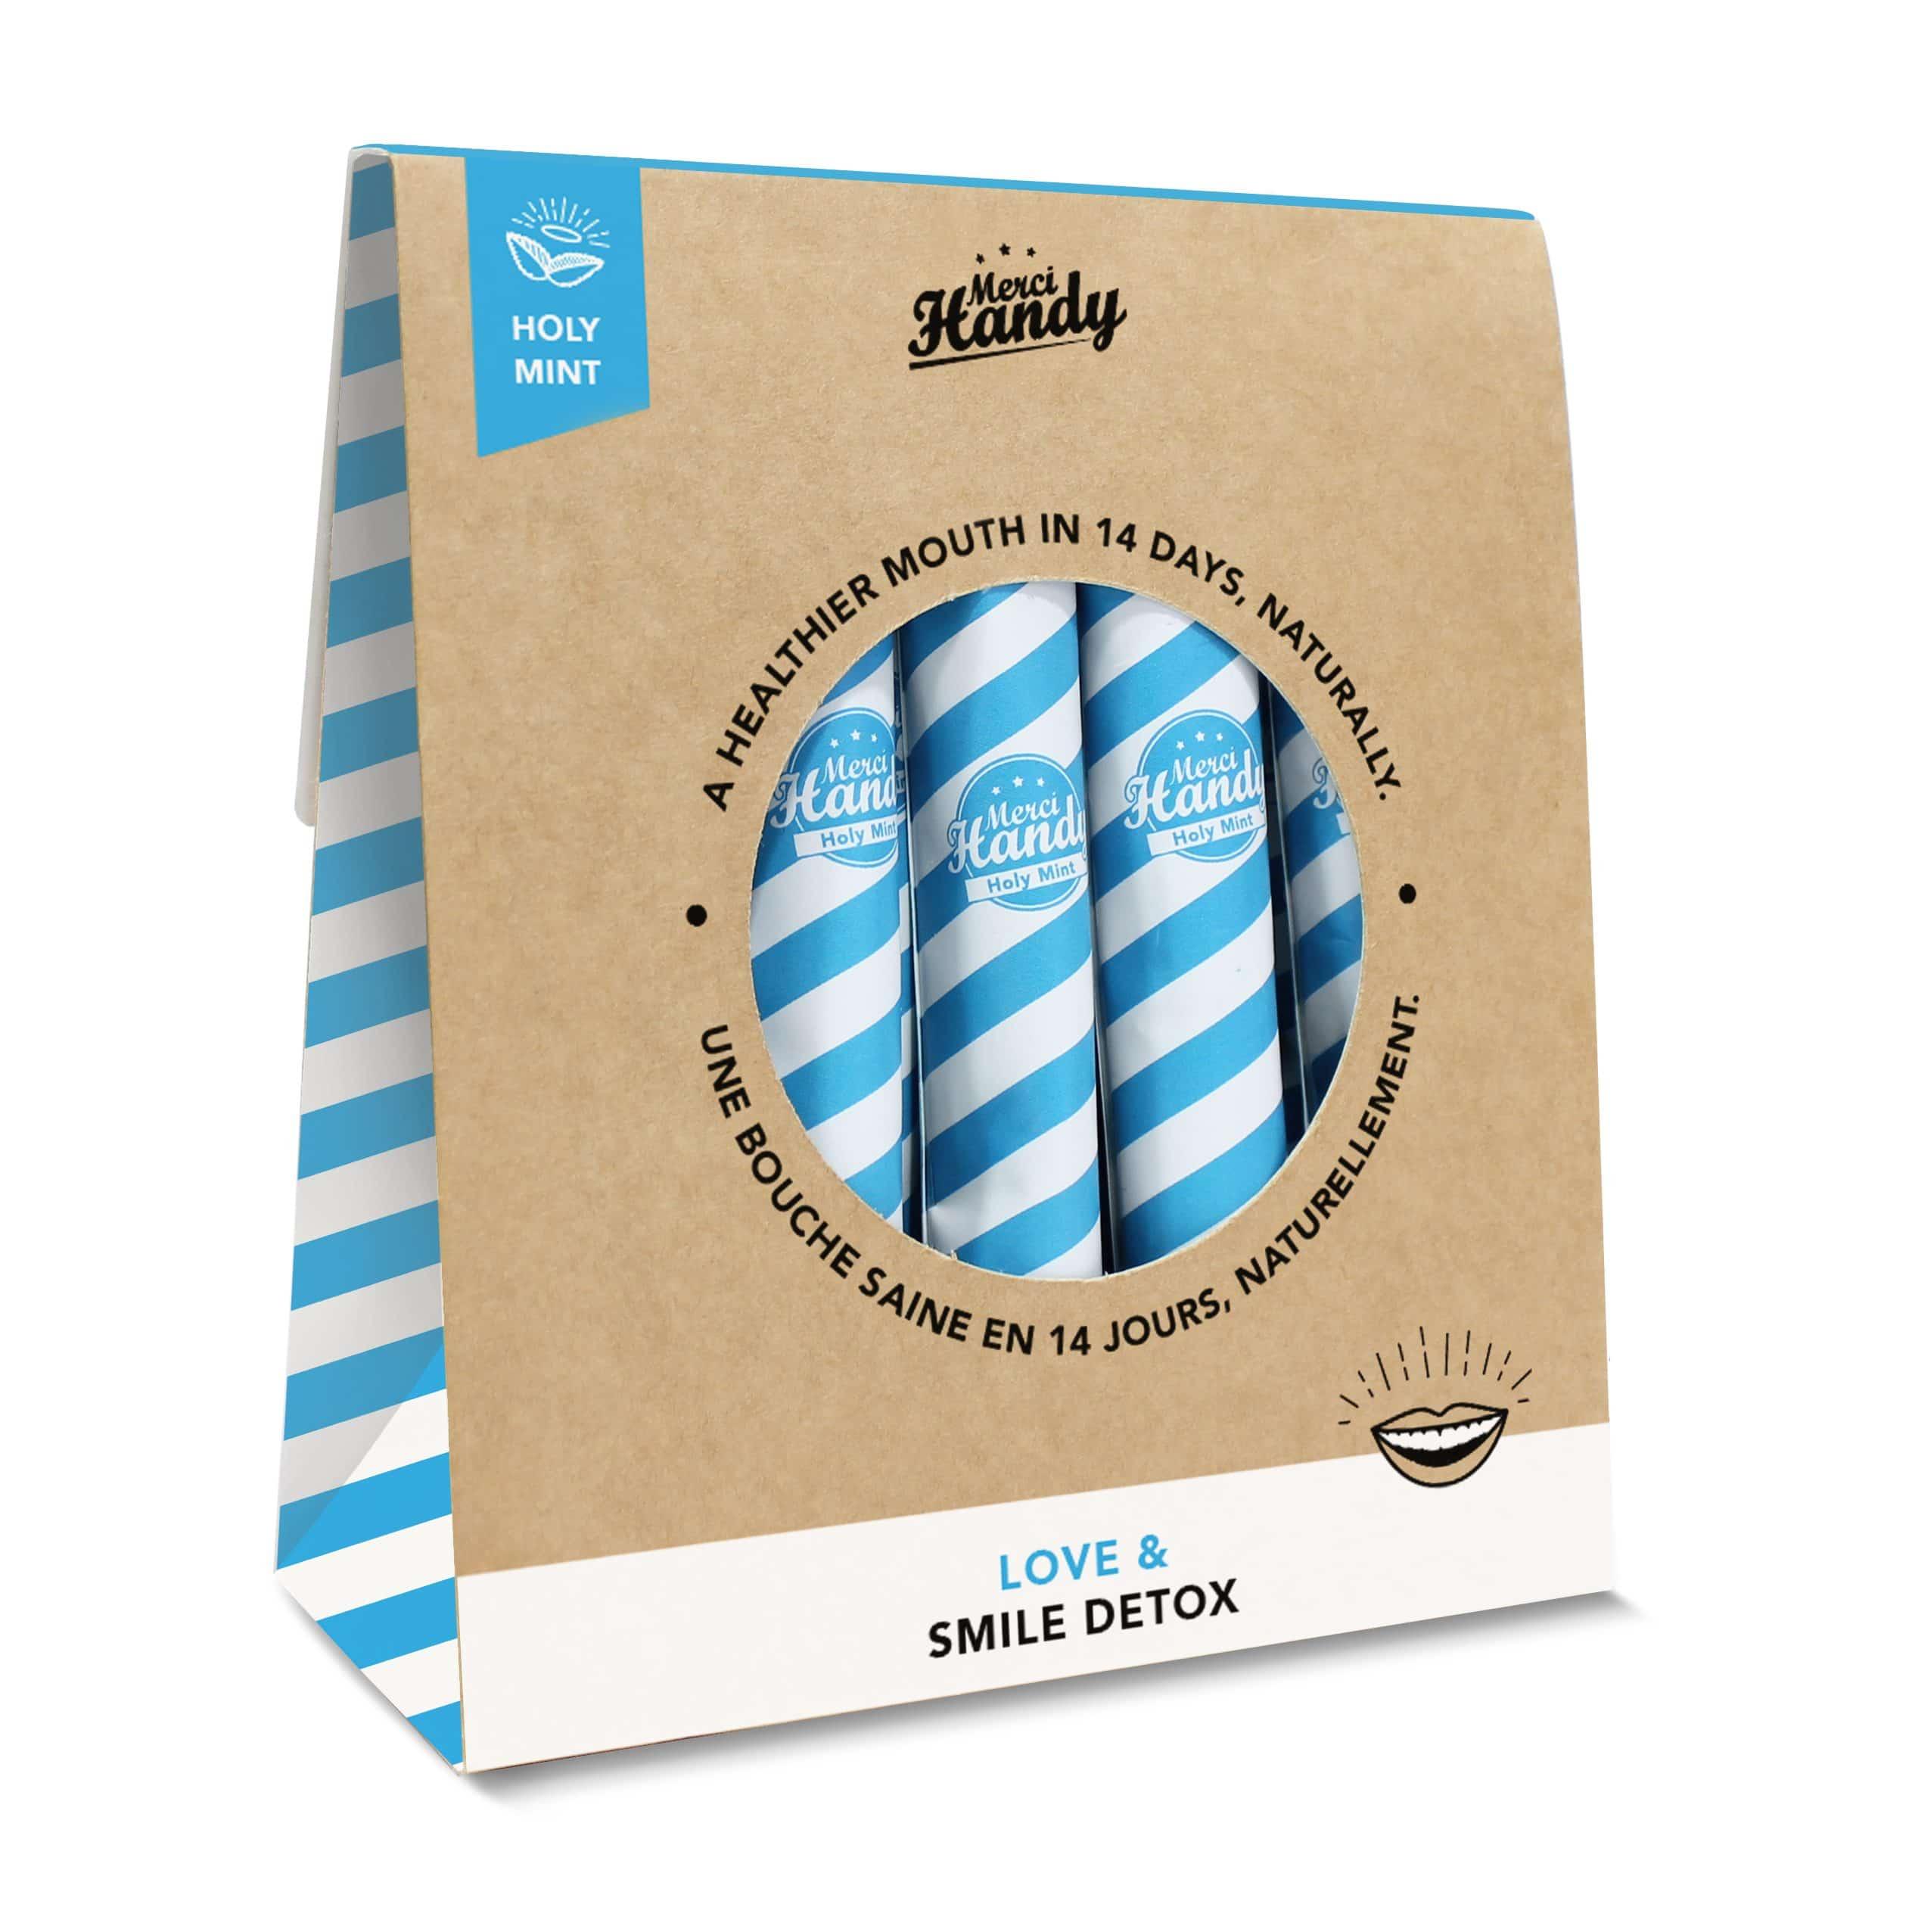 Merci Handy arriva da Sephora: tutti i prodotti - Smile Detox Holy Mint alla menta